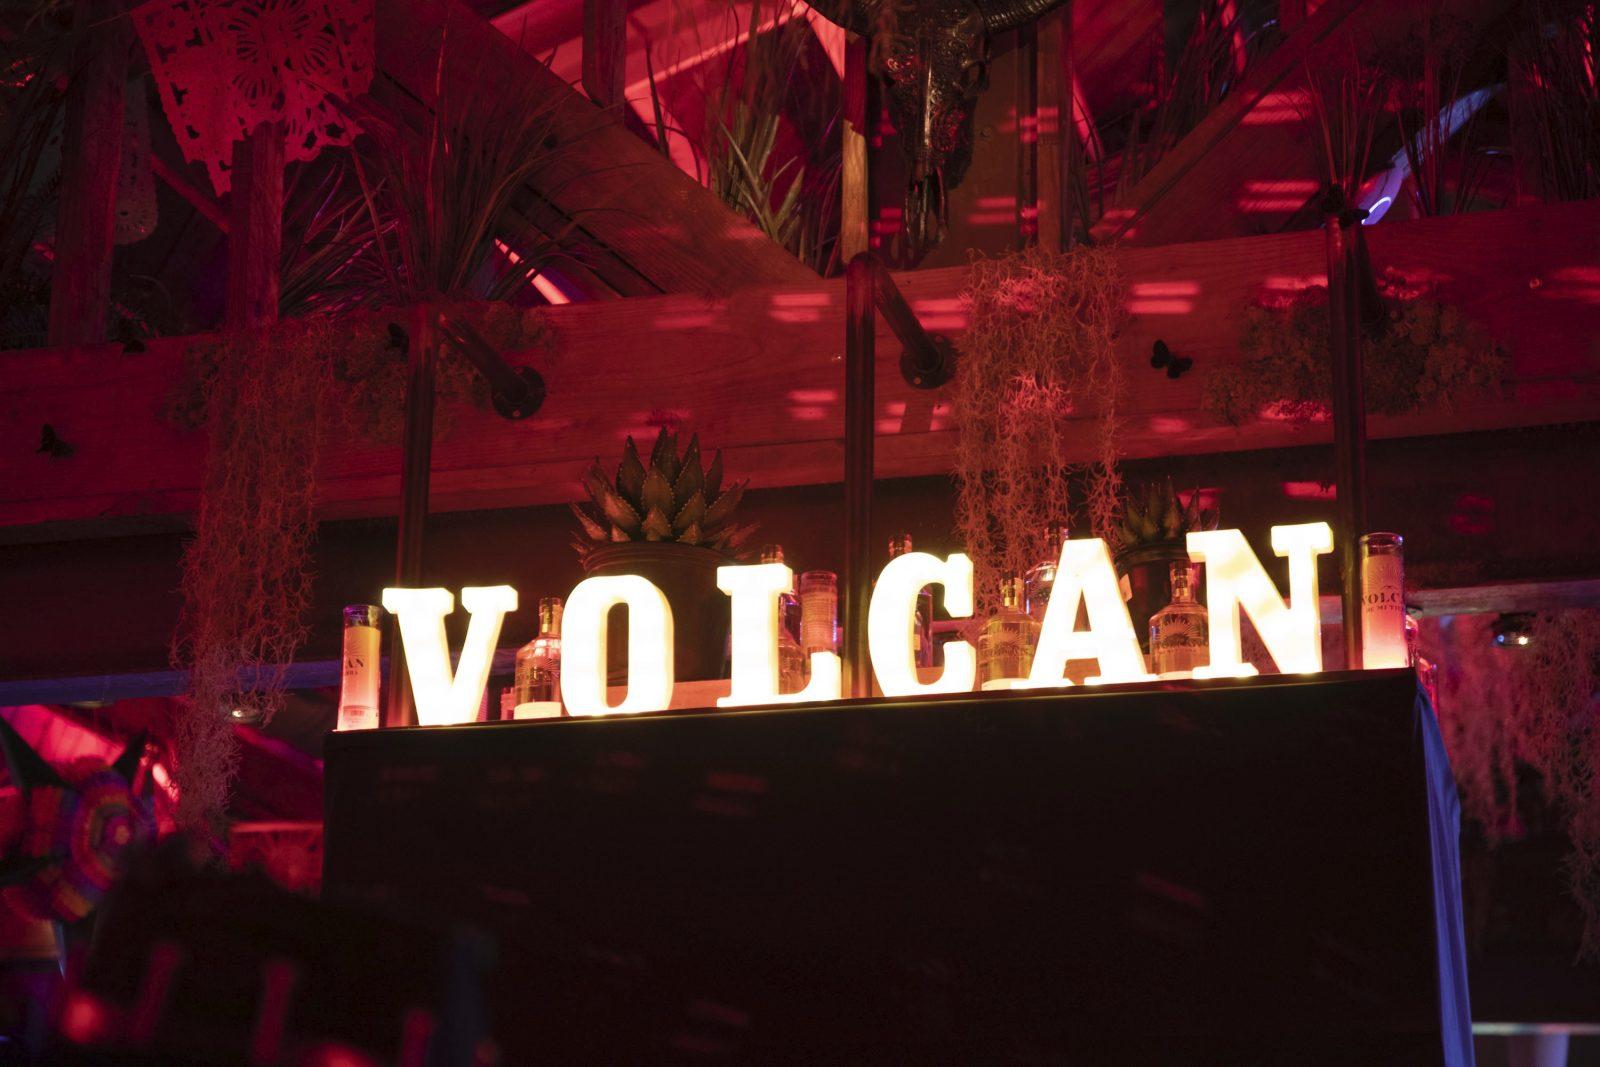 Volcan Halloween